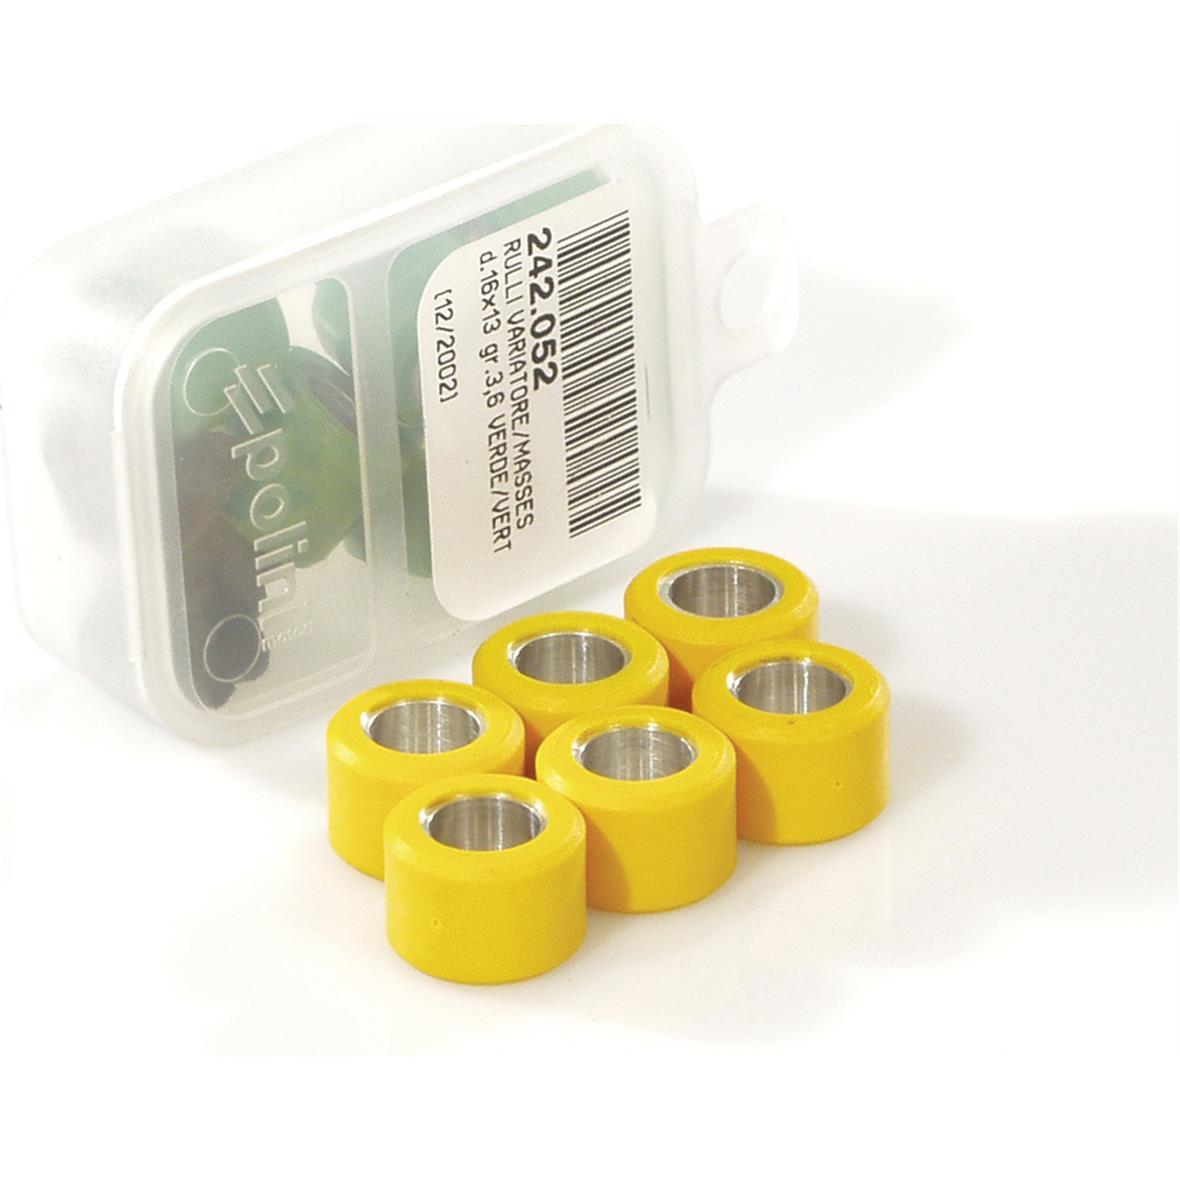 Produktbild für 'Variatorrollen POLINI 15x12 mm 8,8g'